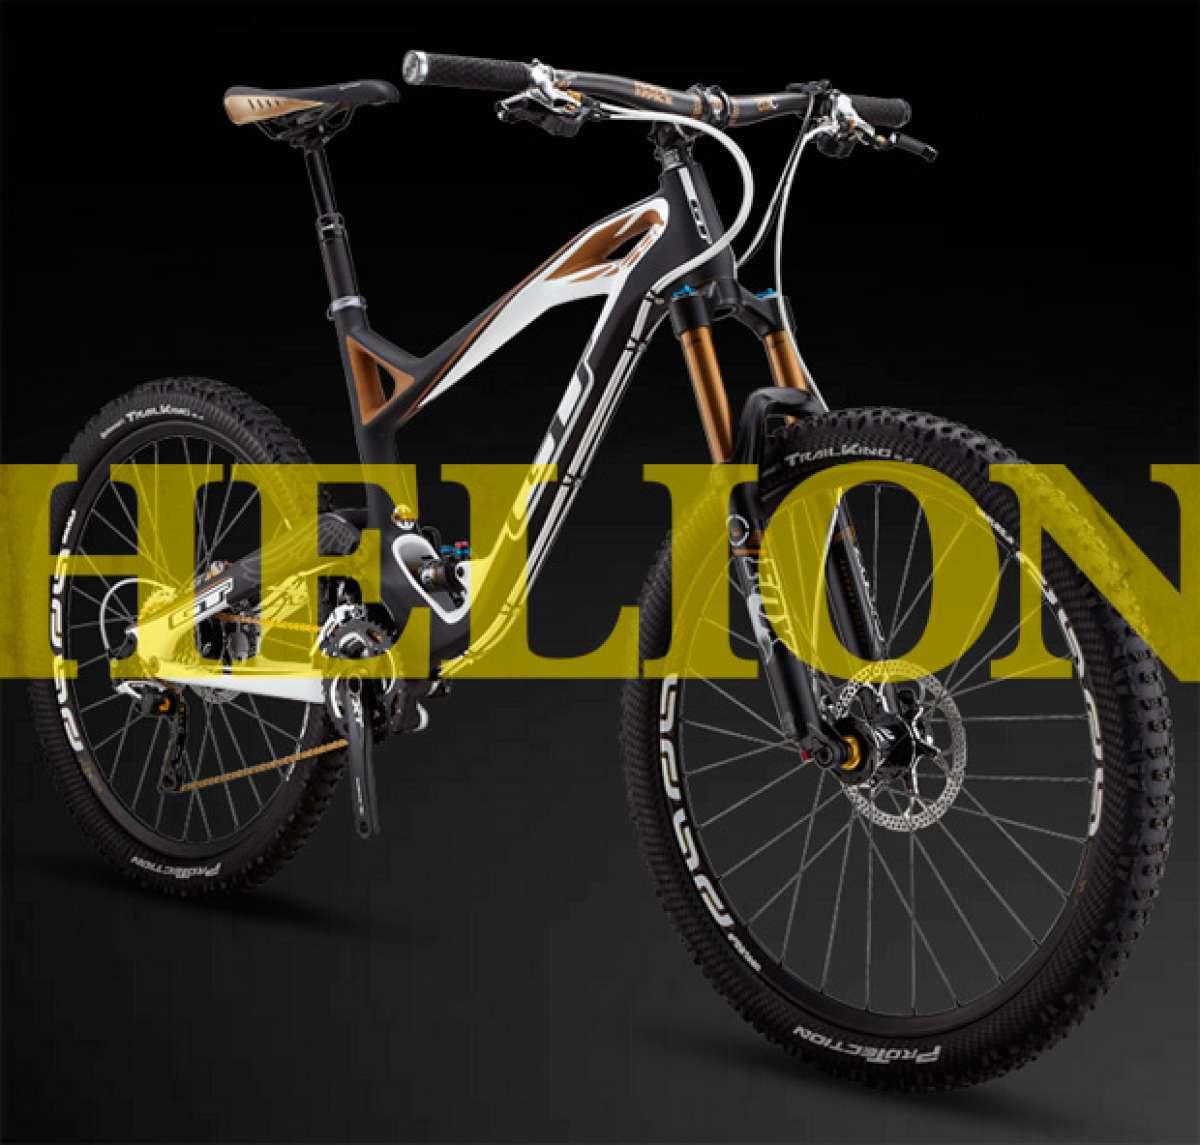 GT Helion 2015: Una doble para XC rápida, divertida y extremadamente versátil